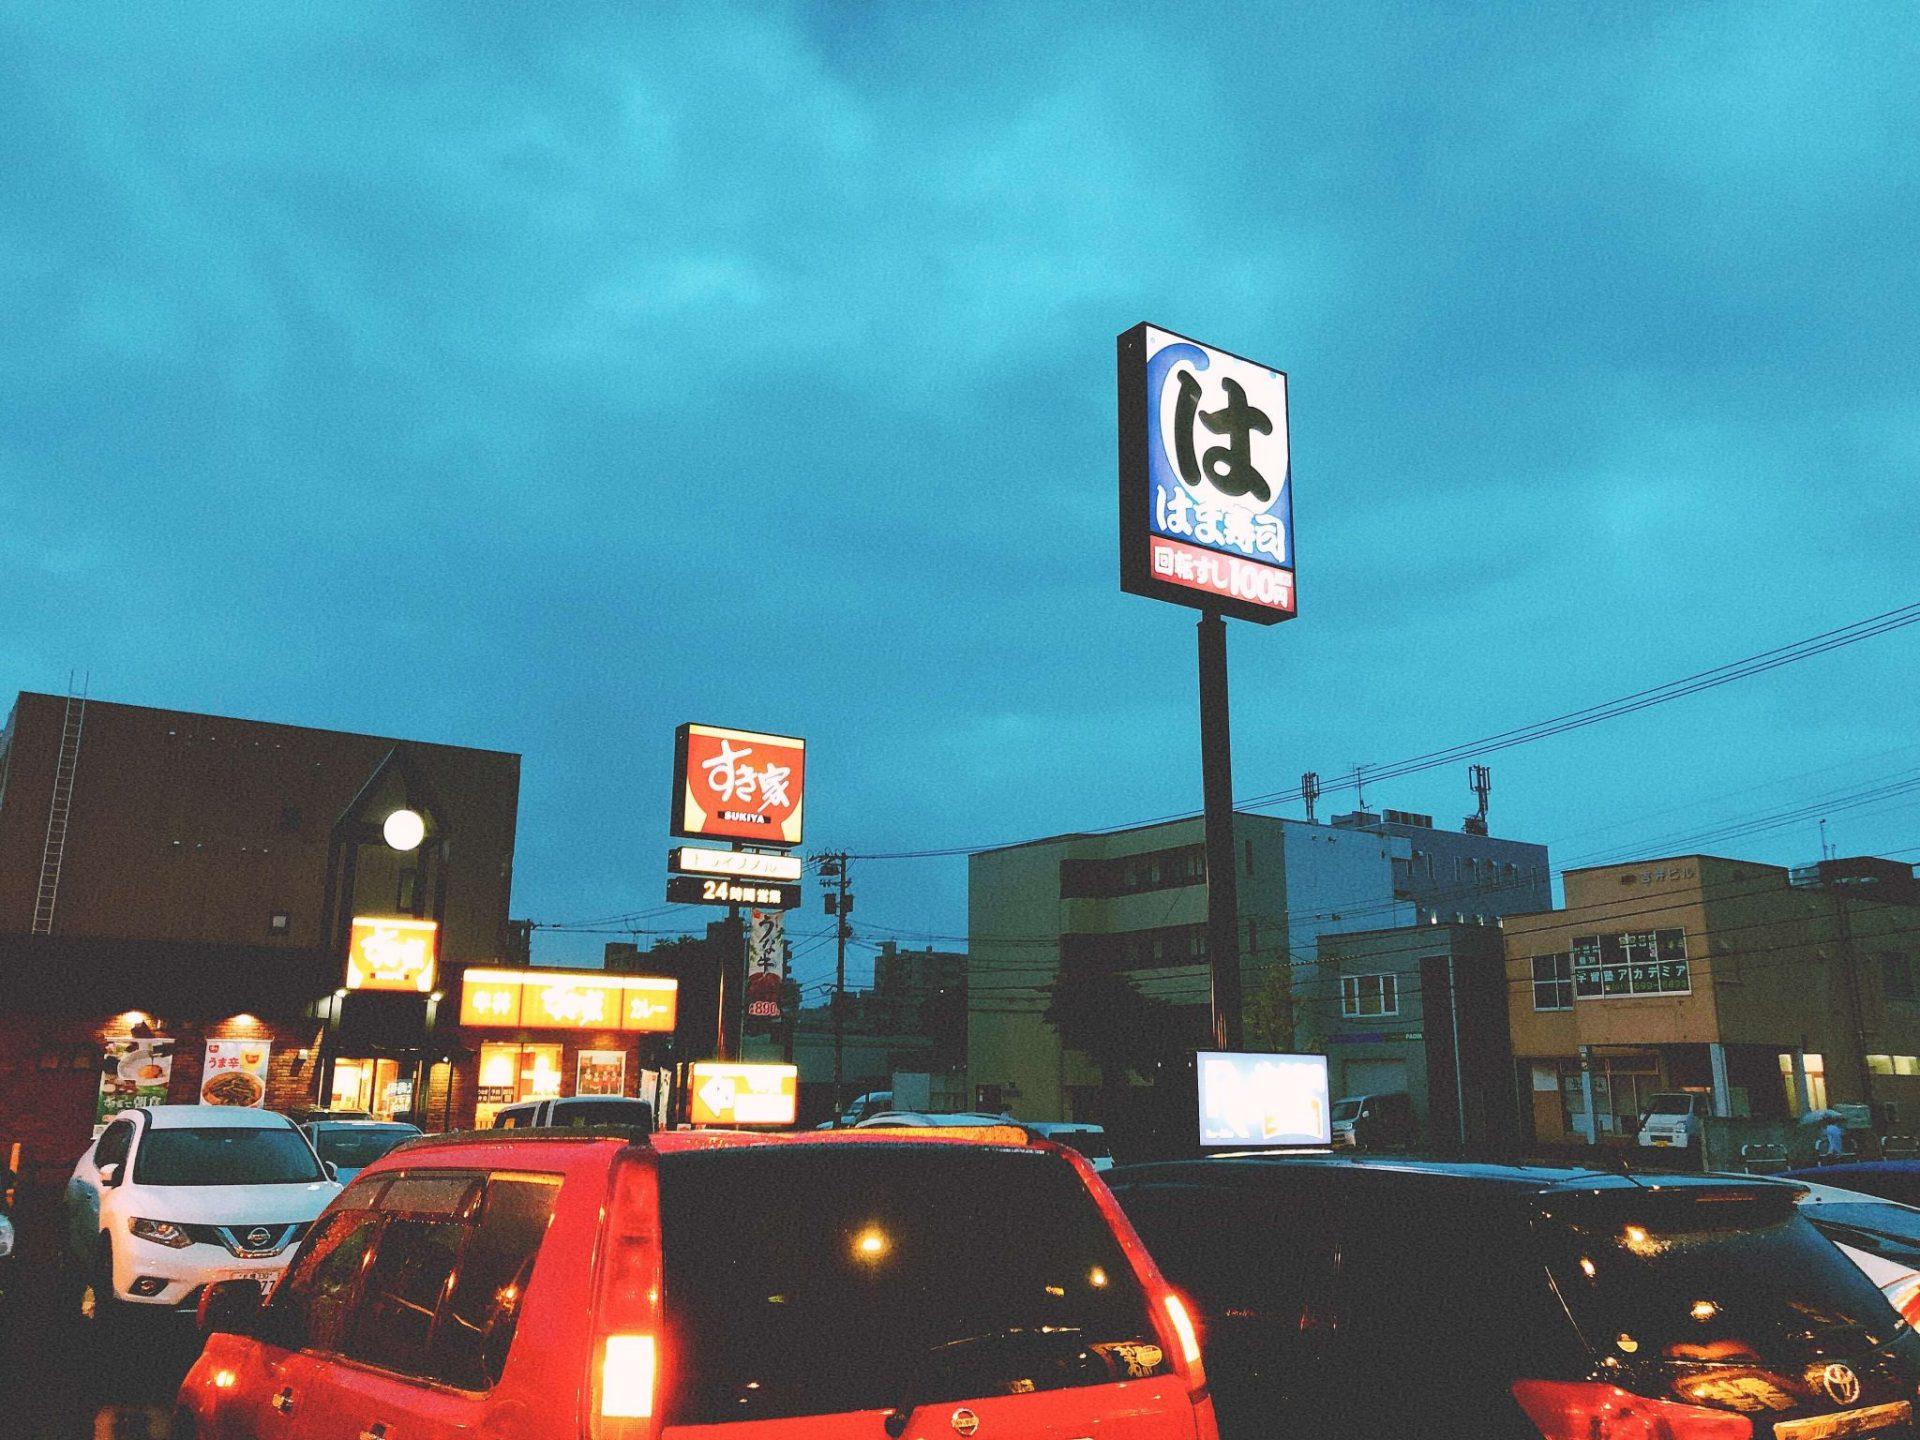 hamazushi signboard